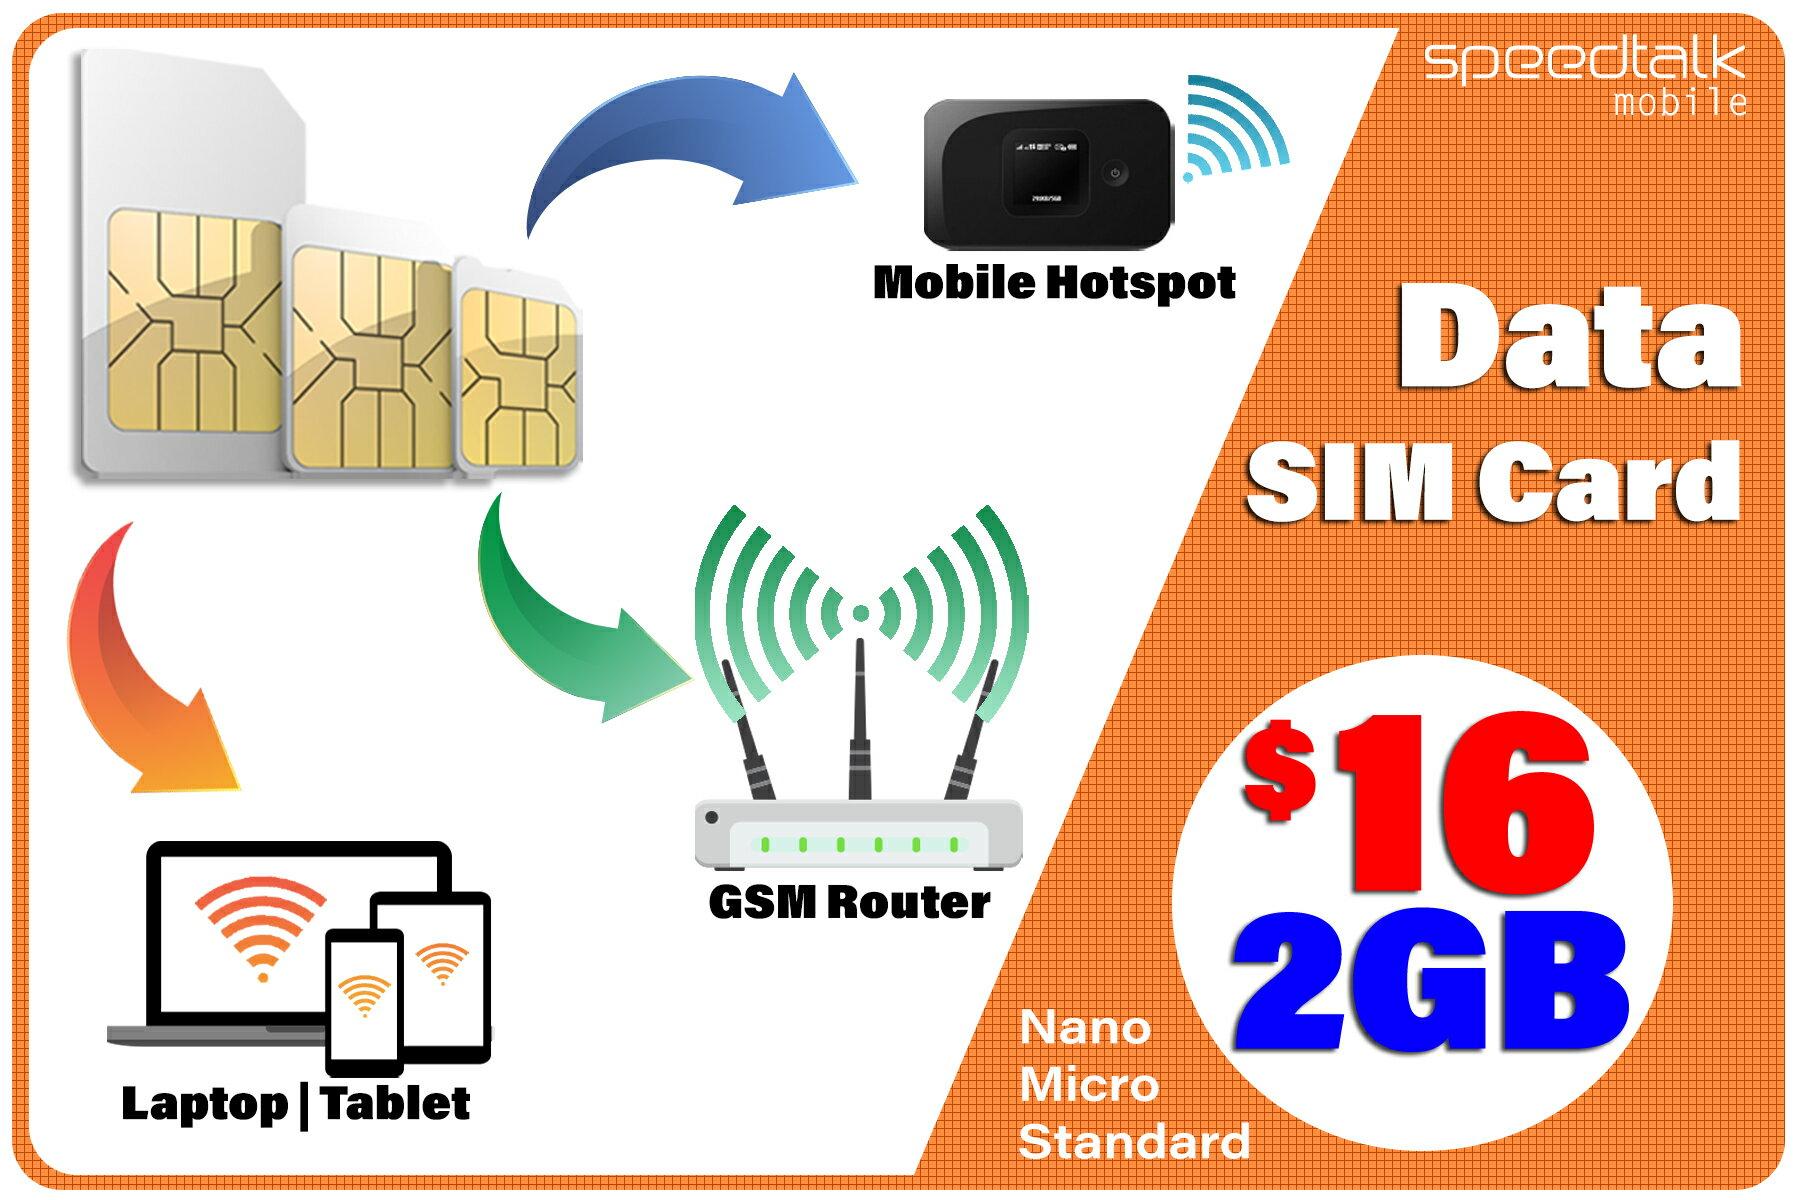 $49.95 per month 4G LTE ATT Unlimited HOTSPOT Data SIM CARD